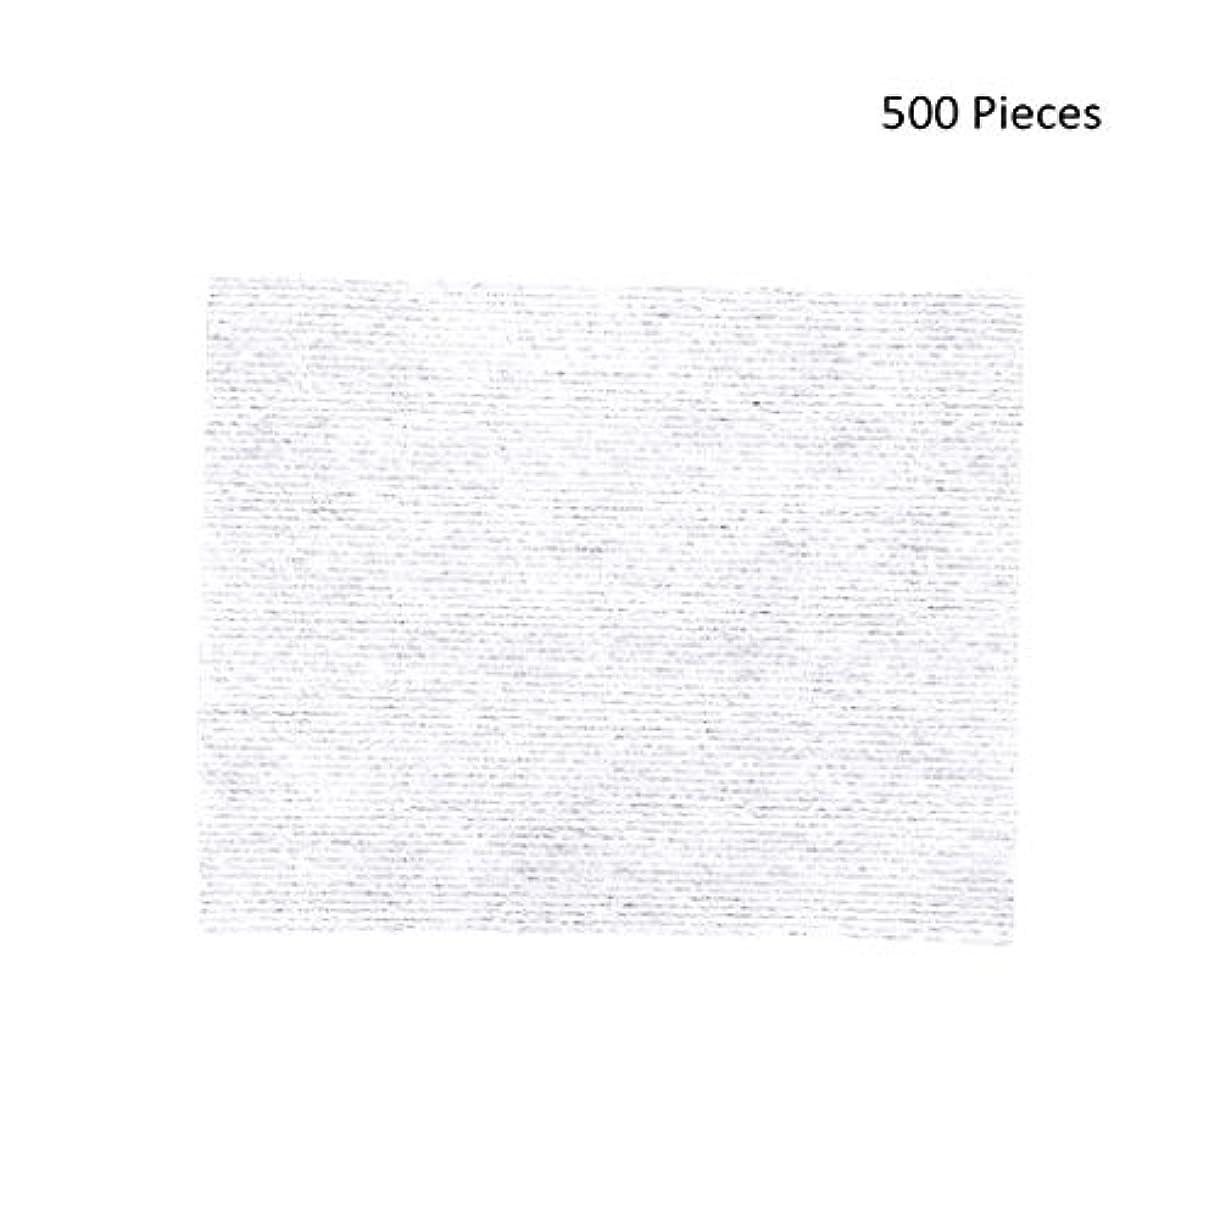 スマイル保証するめまい化粧パッド 500ピース化粧拭きコットンパッドメイク落としパッドソフトパッド化粧品フェイスマスククレンジングケアフェイシャルナプキンコットン メイク落とし化粧パッド (Color : White, サイズ : 6*5cm)